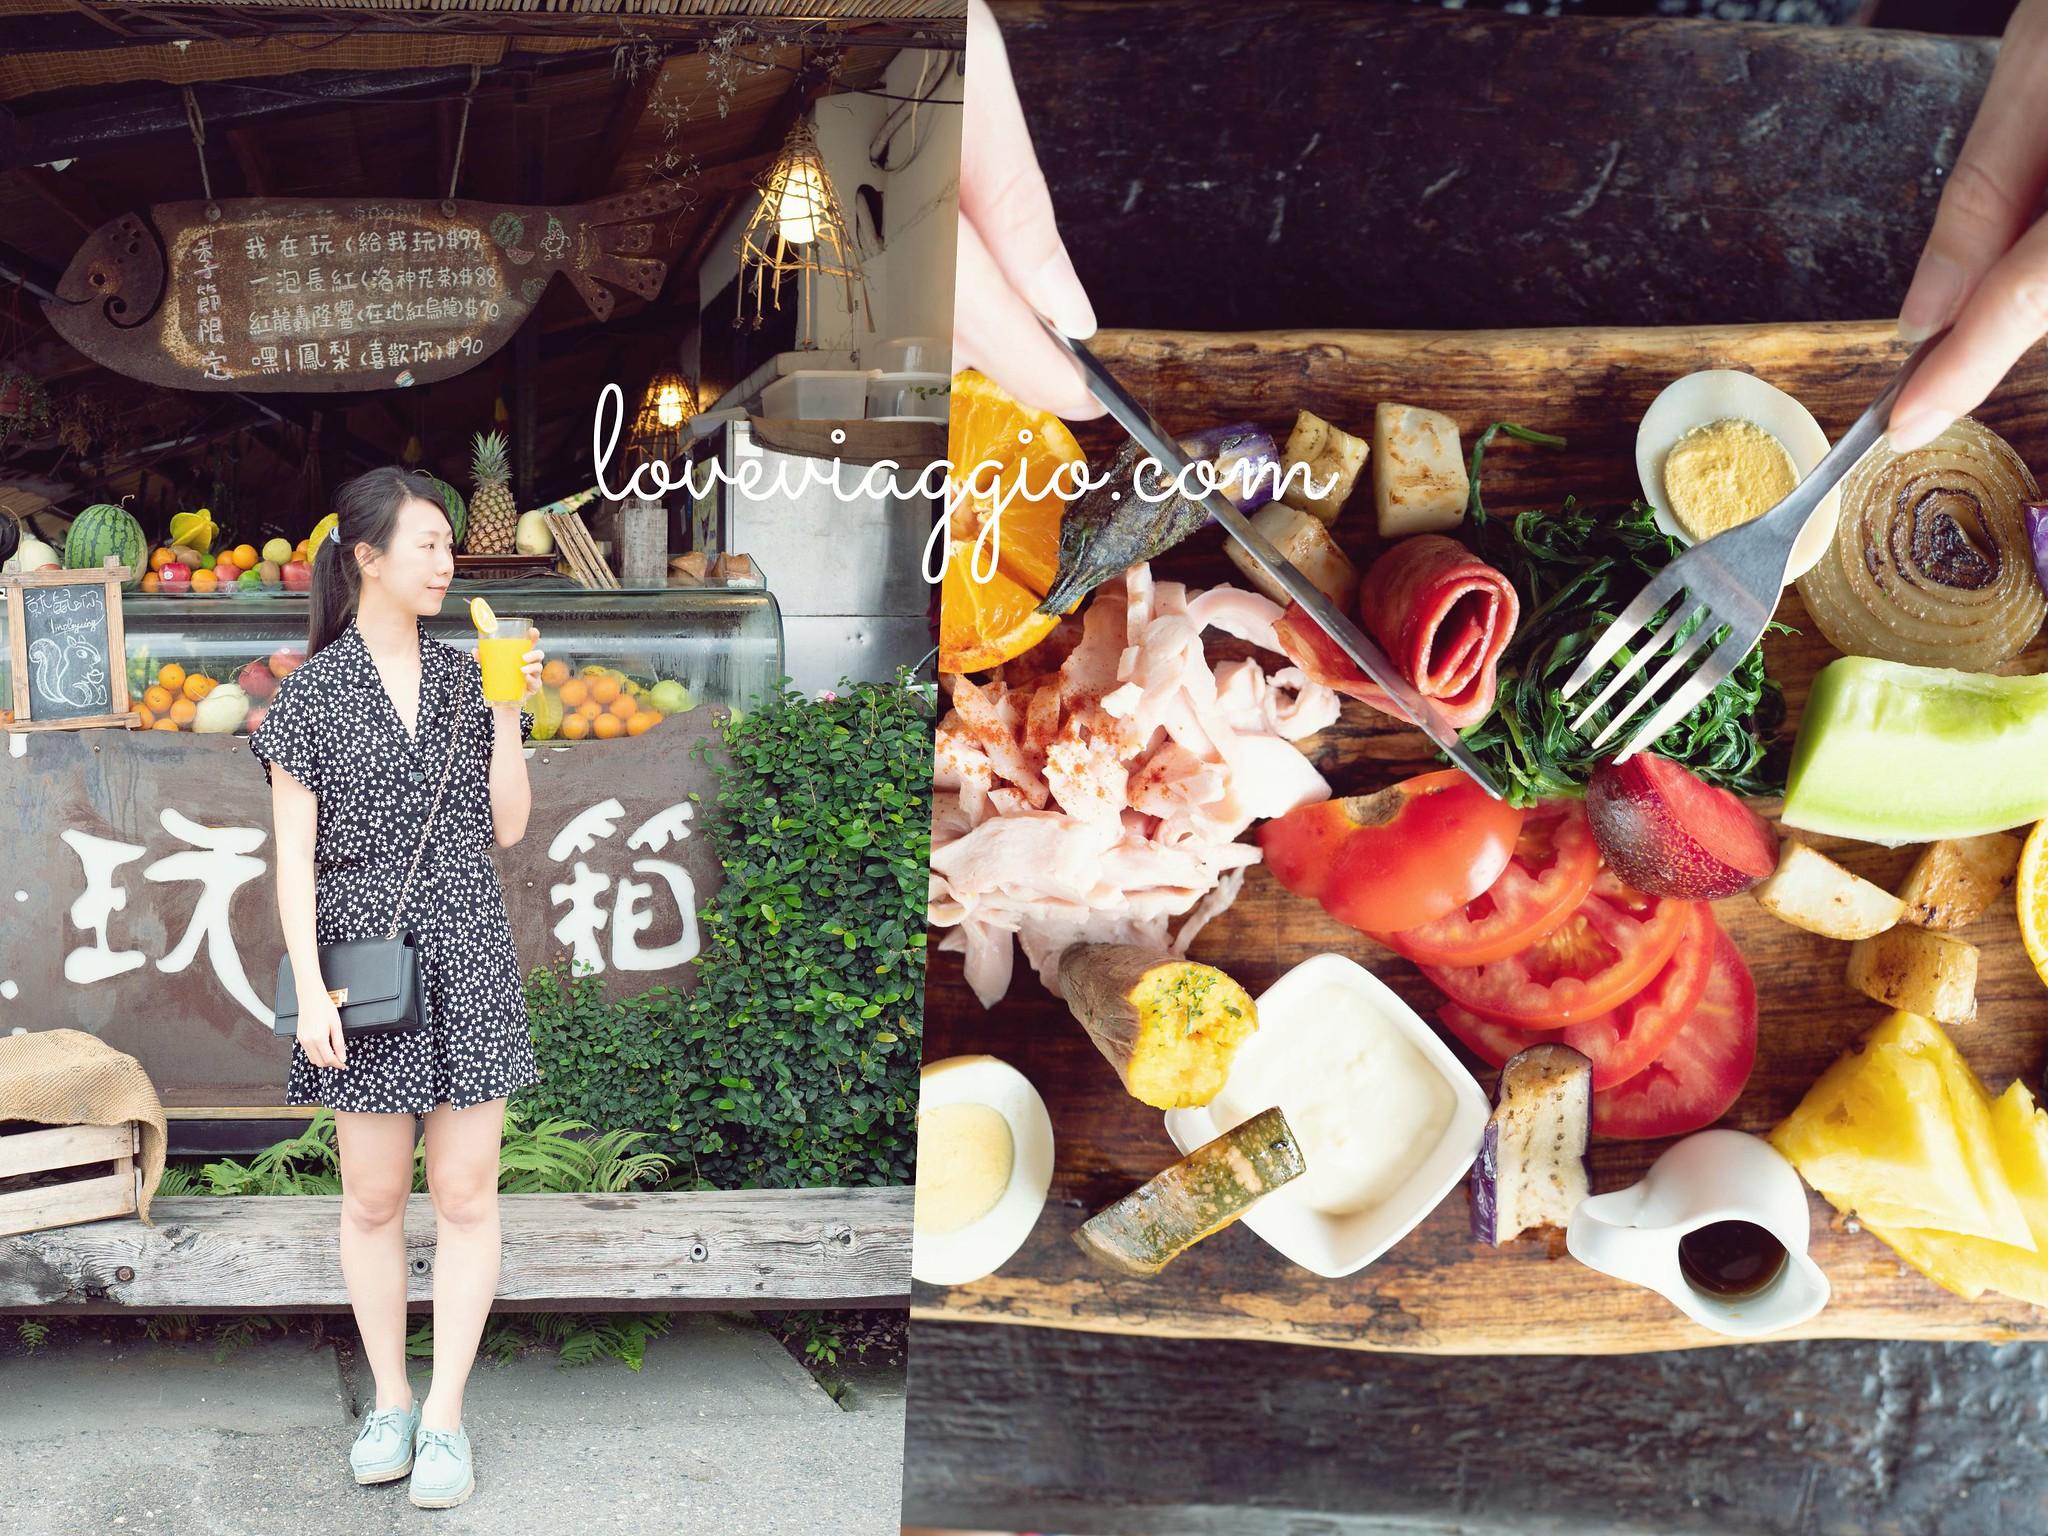 【台東 Taitung】7間來台東必訪 人氣特色餐廳 夜景 X 海景 X 美食 @薇樂莉 Love Viaggio   旅行.生活.攝影